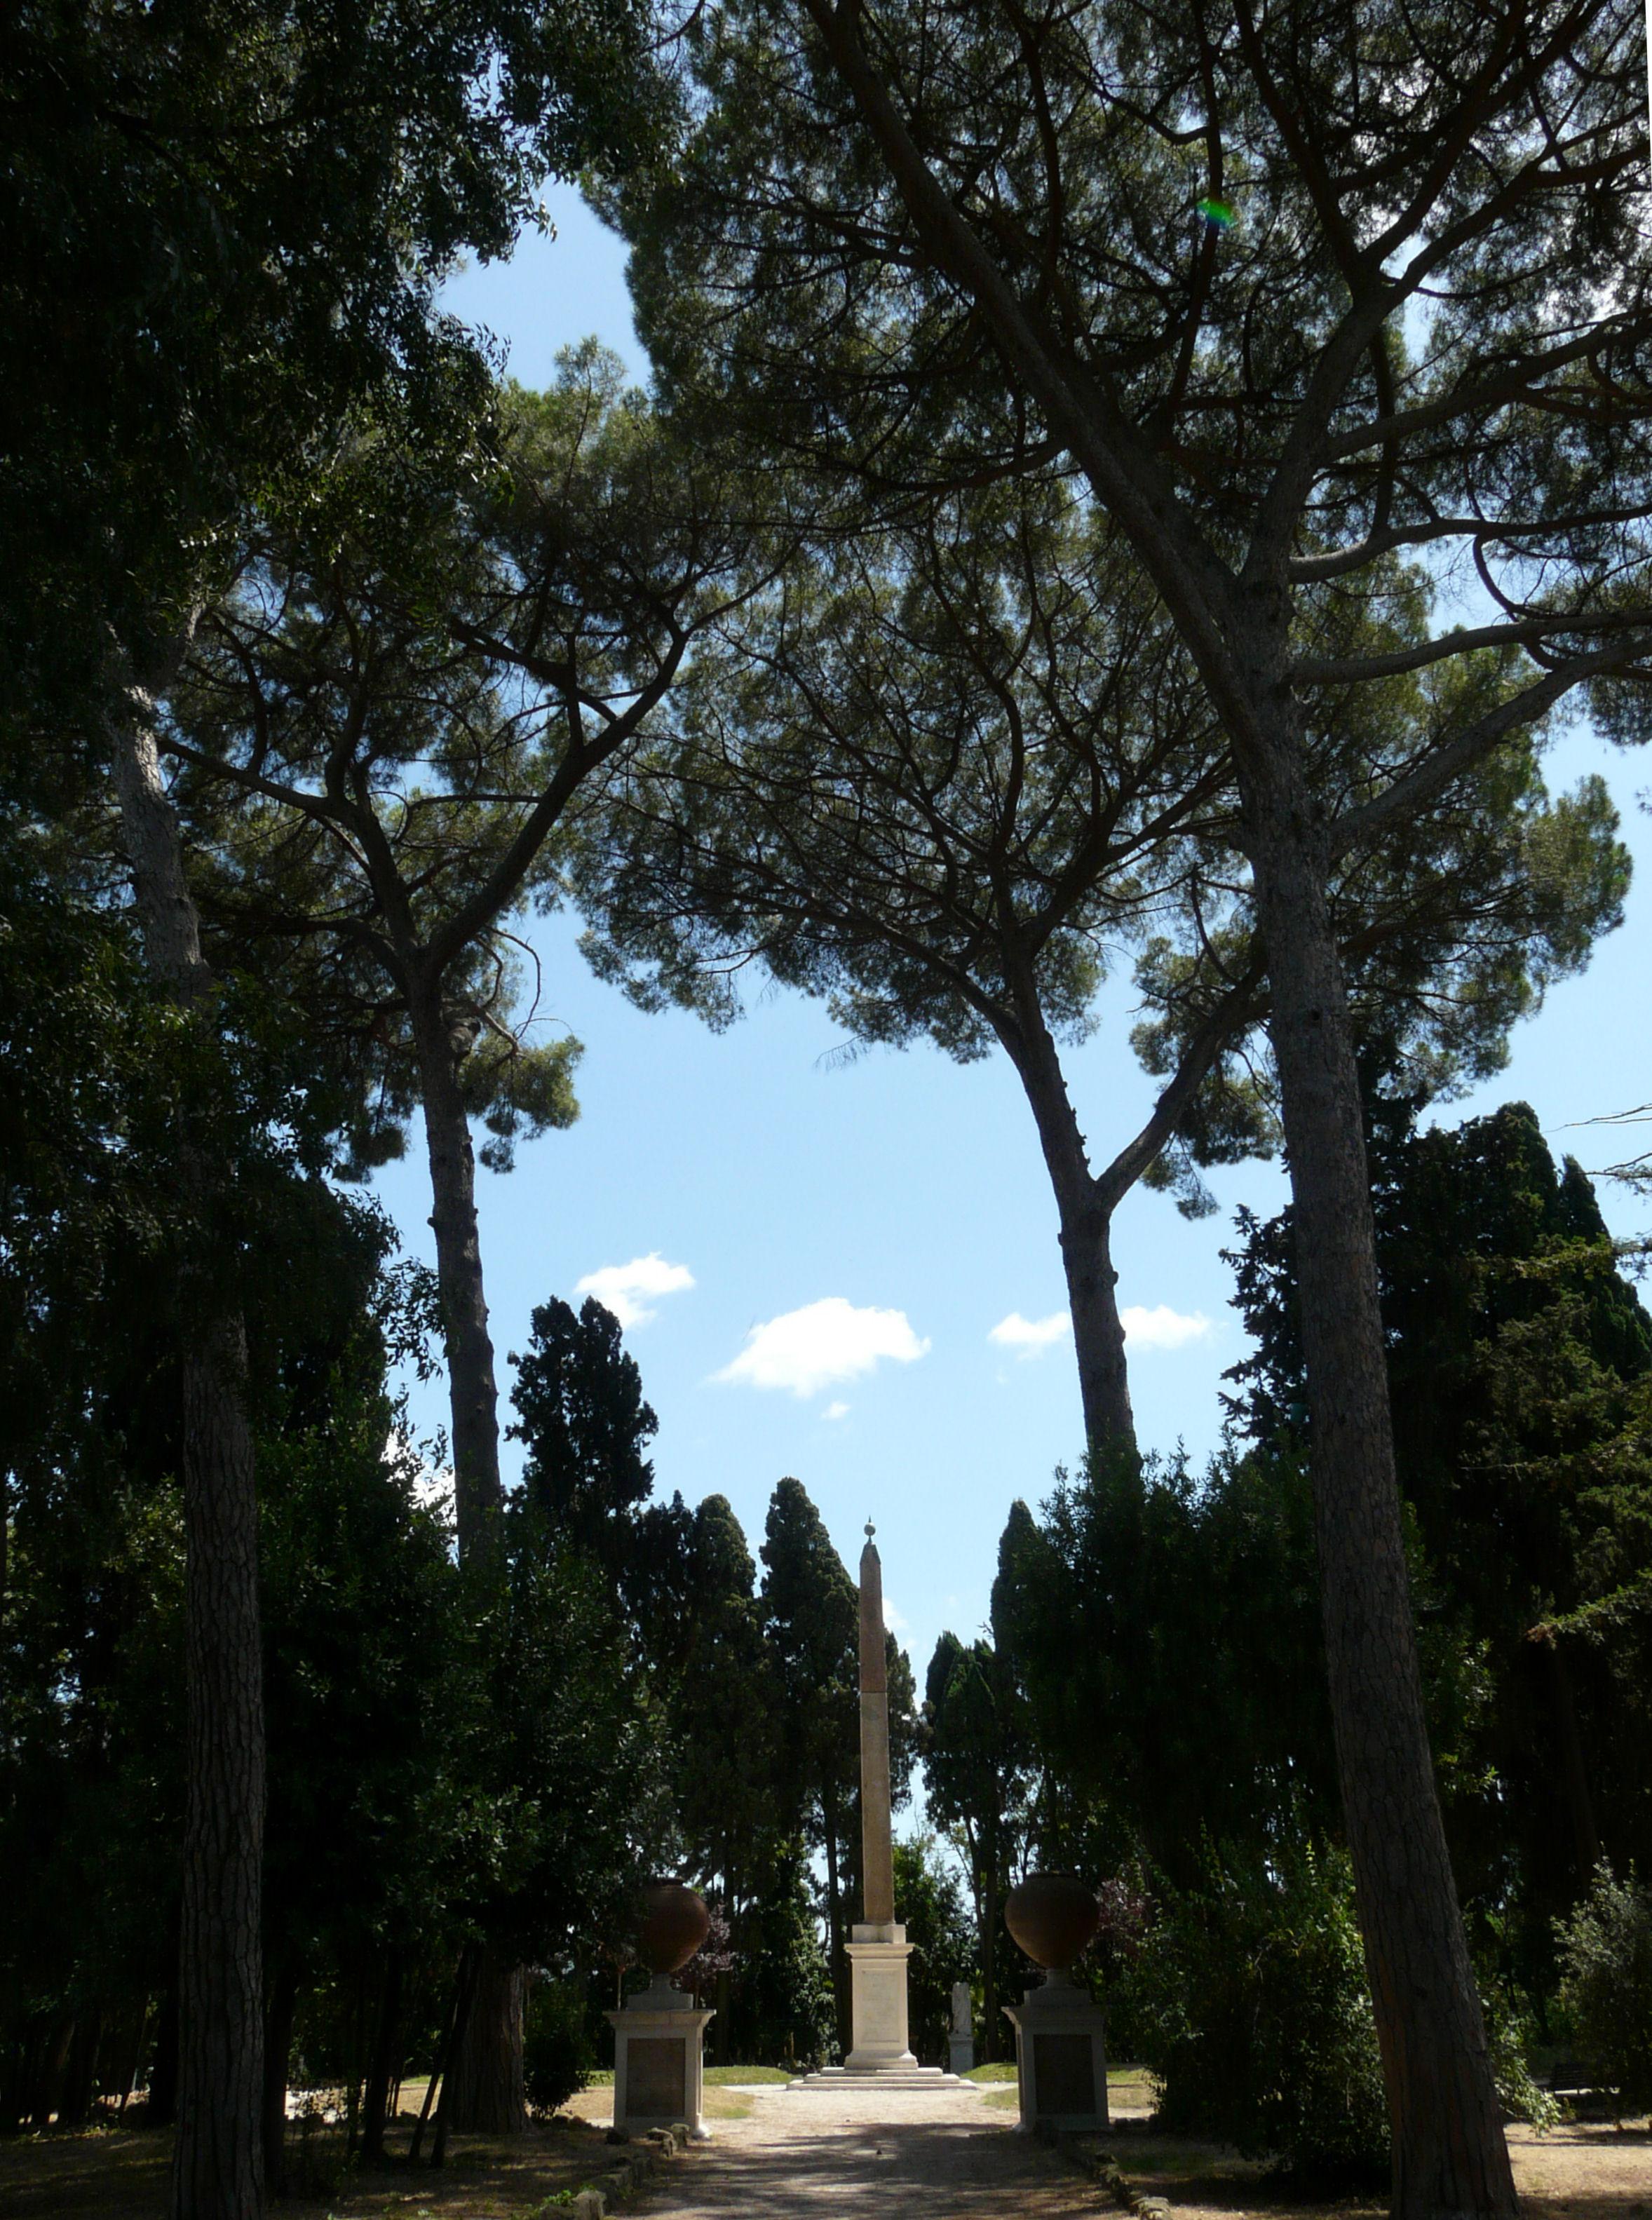 © Dipartimento di Scienze della Vita, Università di Trieste<br>by Andrea Moro<br>Roma, Parco della Villa Celimontana, RO, Lazio, Italia, 18/07/2011<br>Distributed under CC-BY-SA 4.0 license.